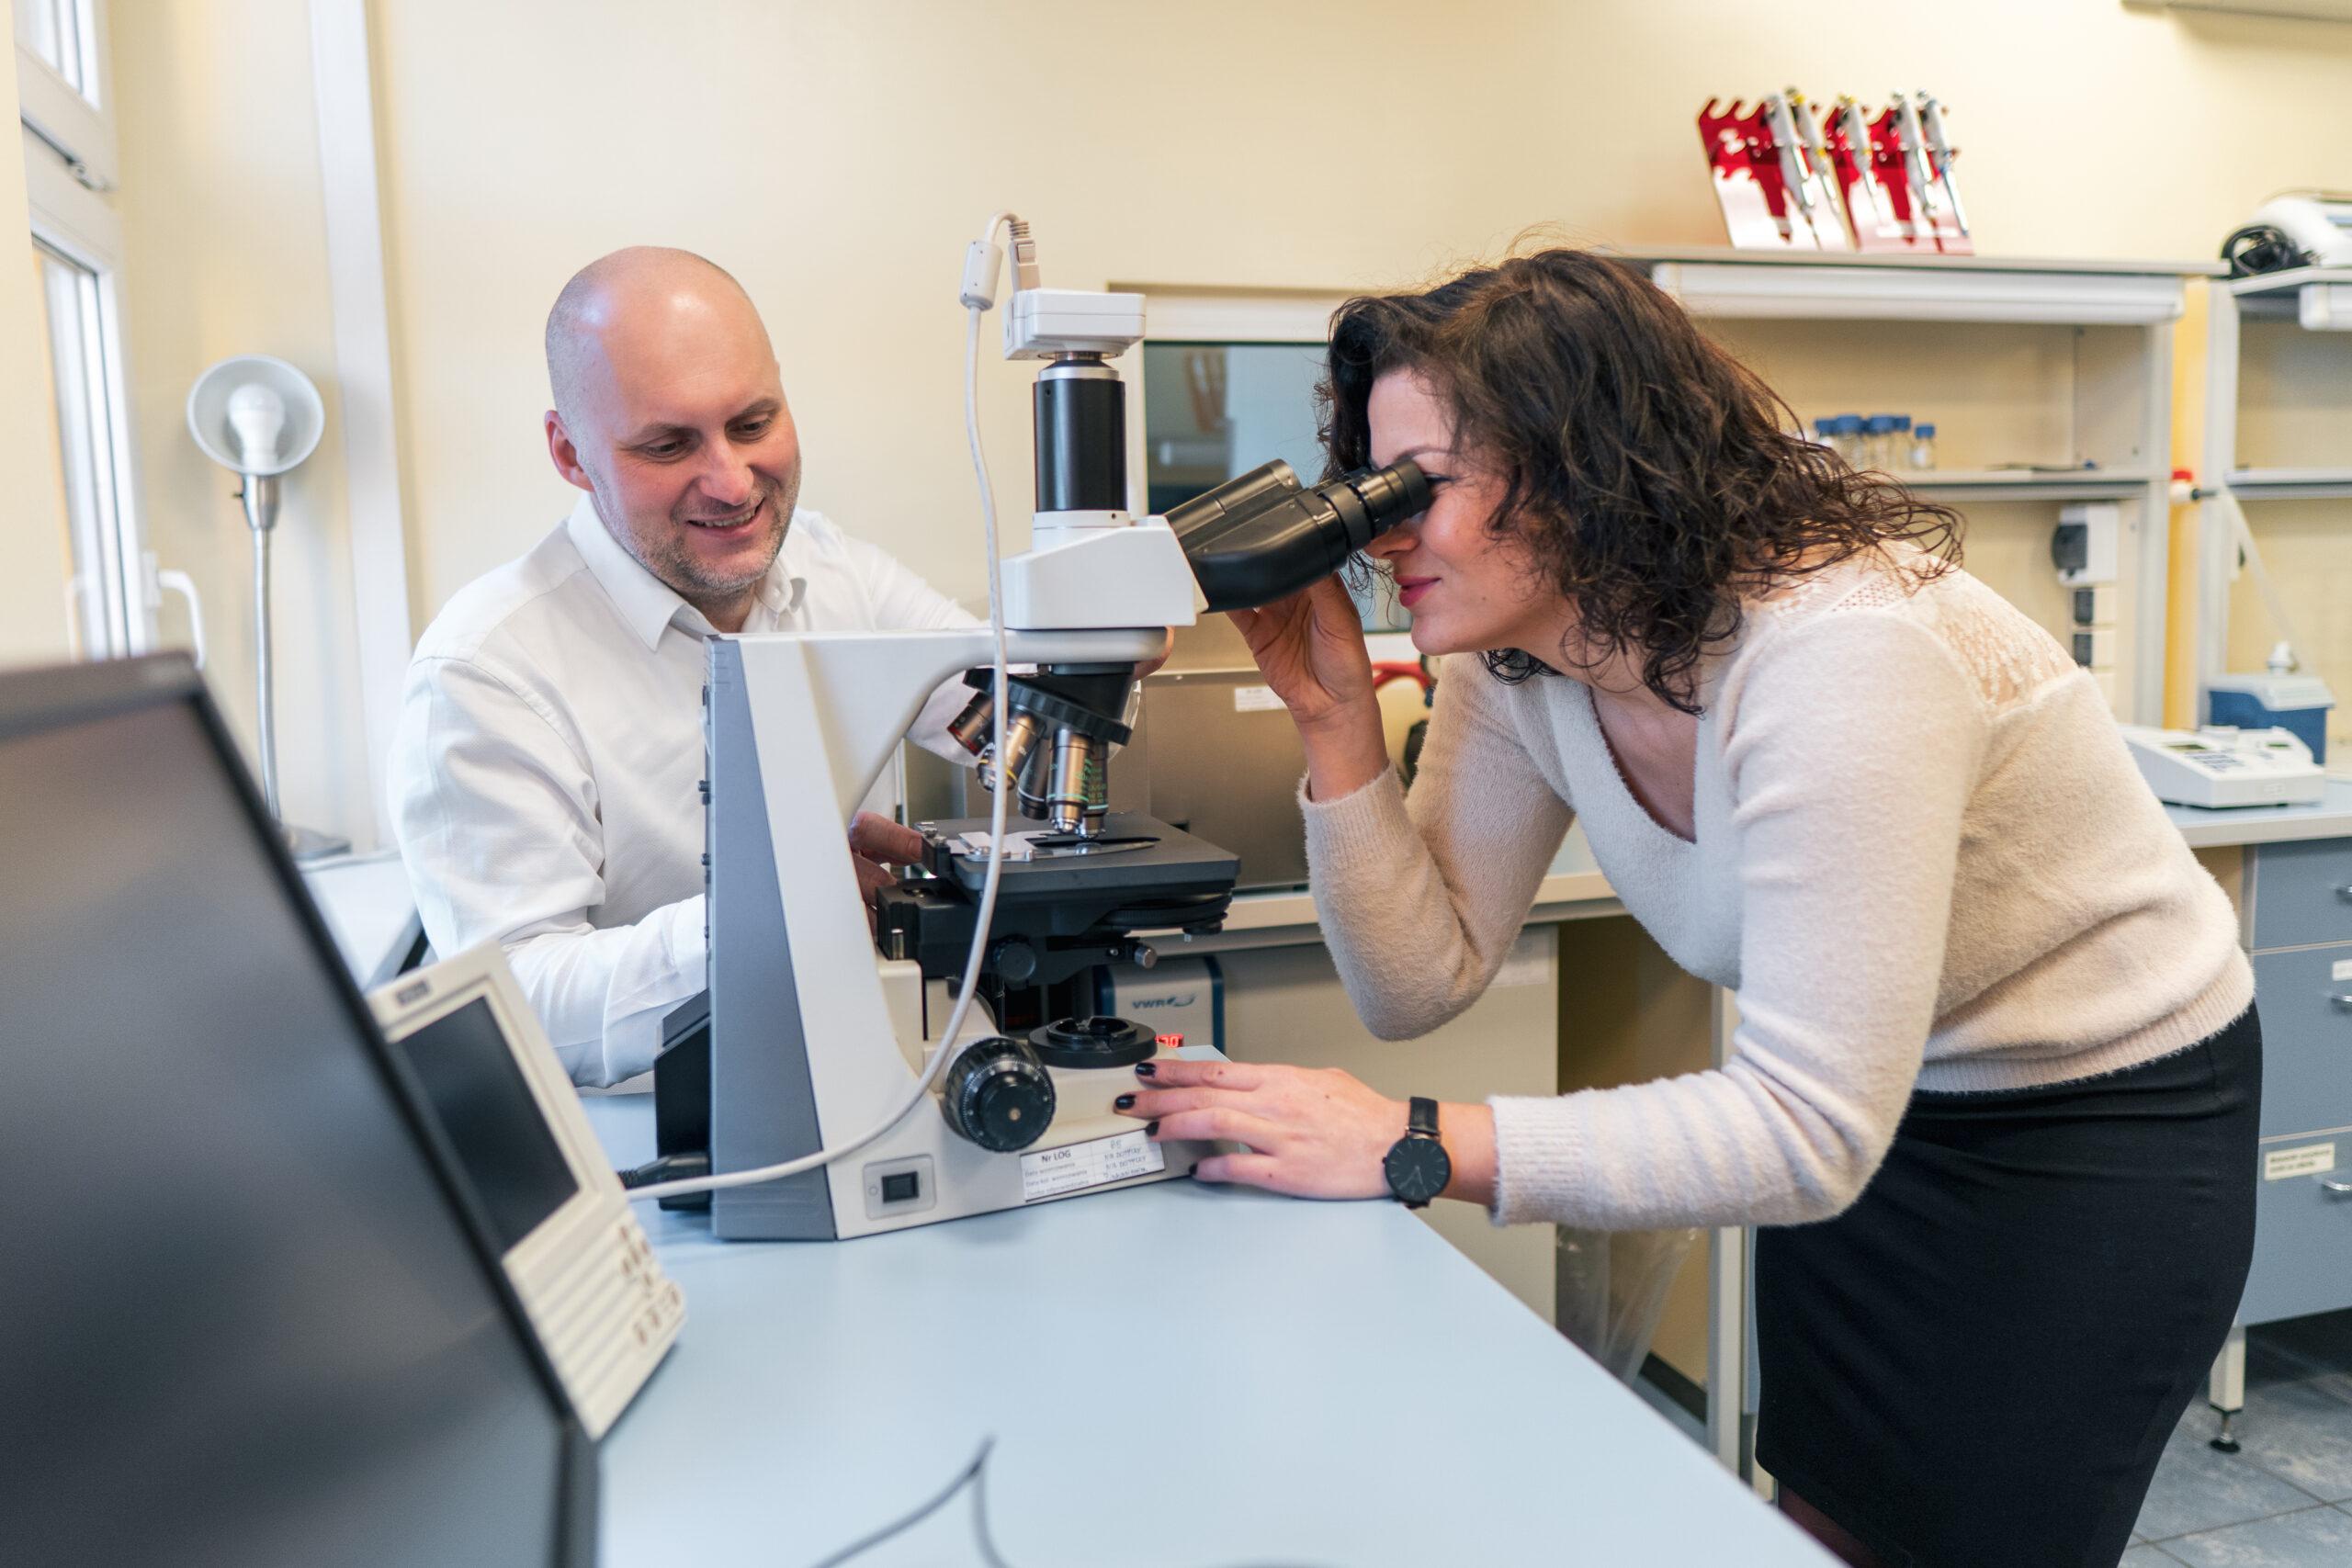 pracownik innovatree patrzący przez mikroskop